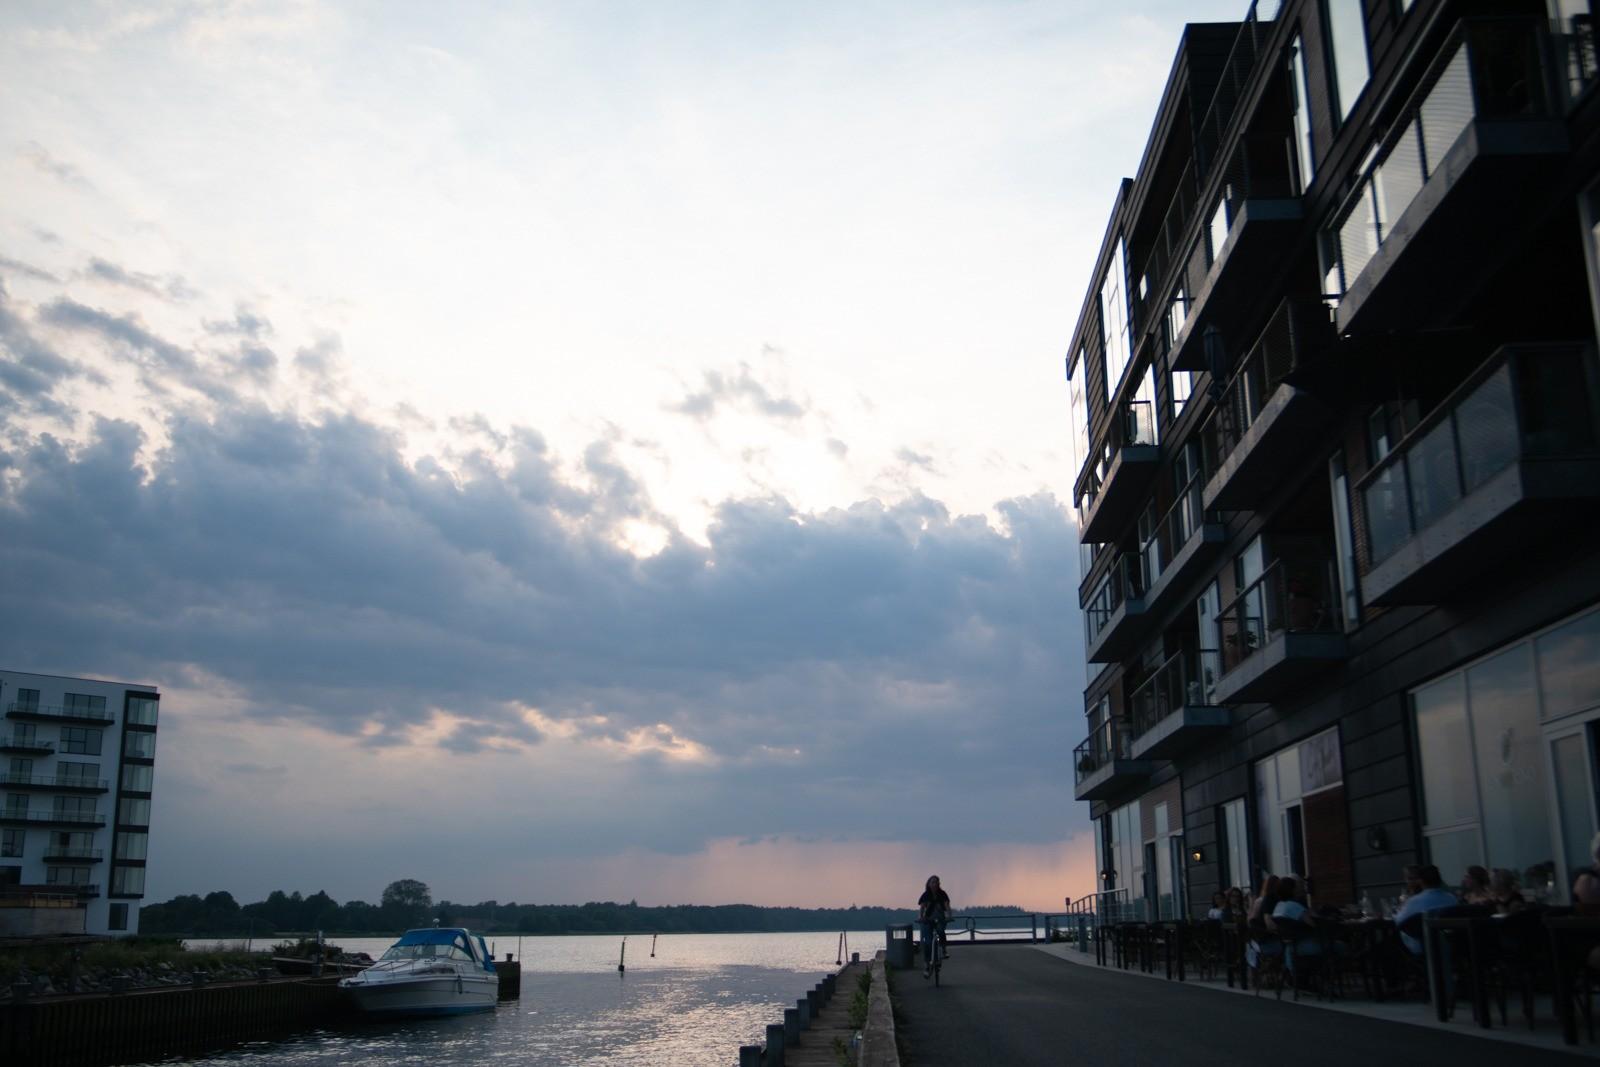 Nykøbing Falsters nye havnekvarter - taget med Lomography Neptune objektiv